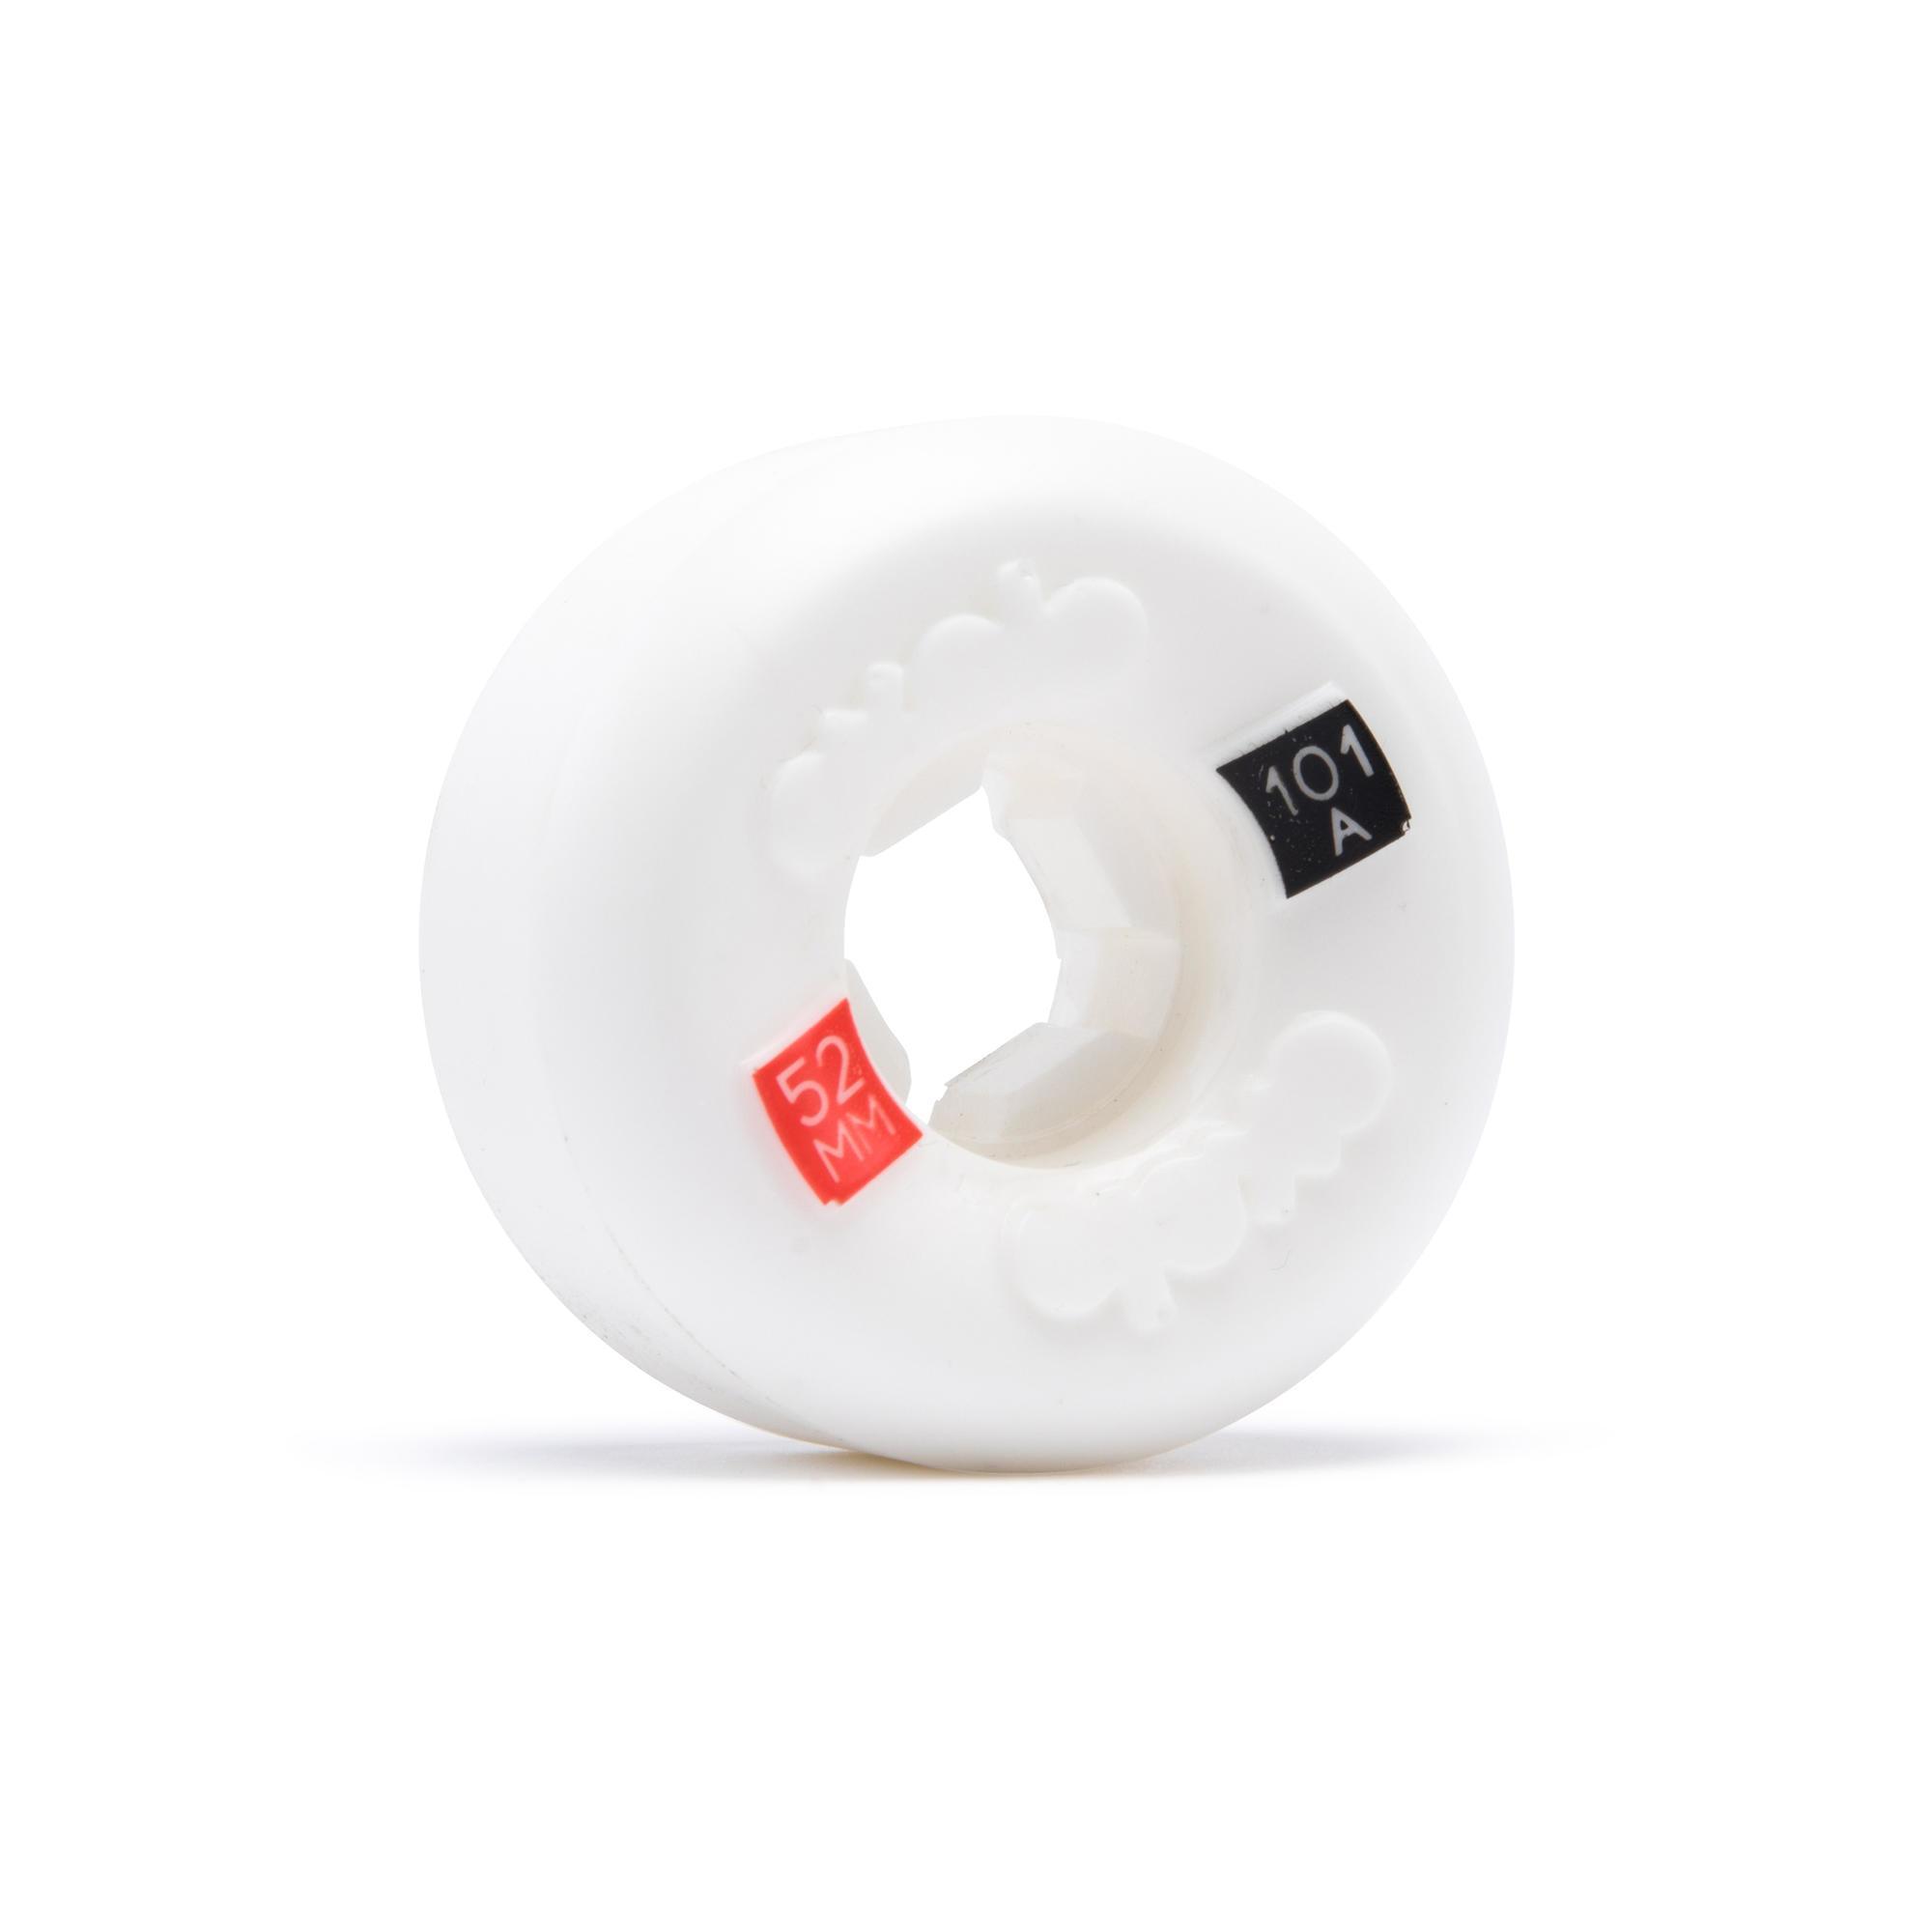 Oxelo Set van 4 skateboardwielen 52 mm 101A wit conisch kopen